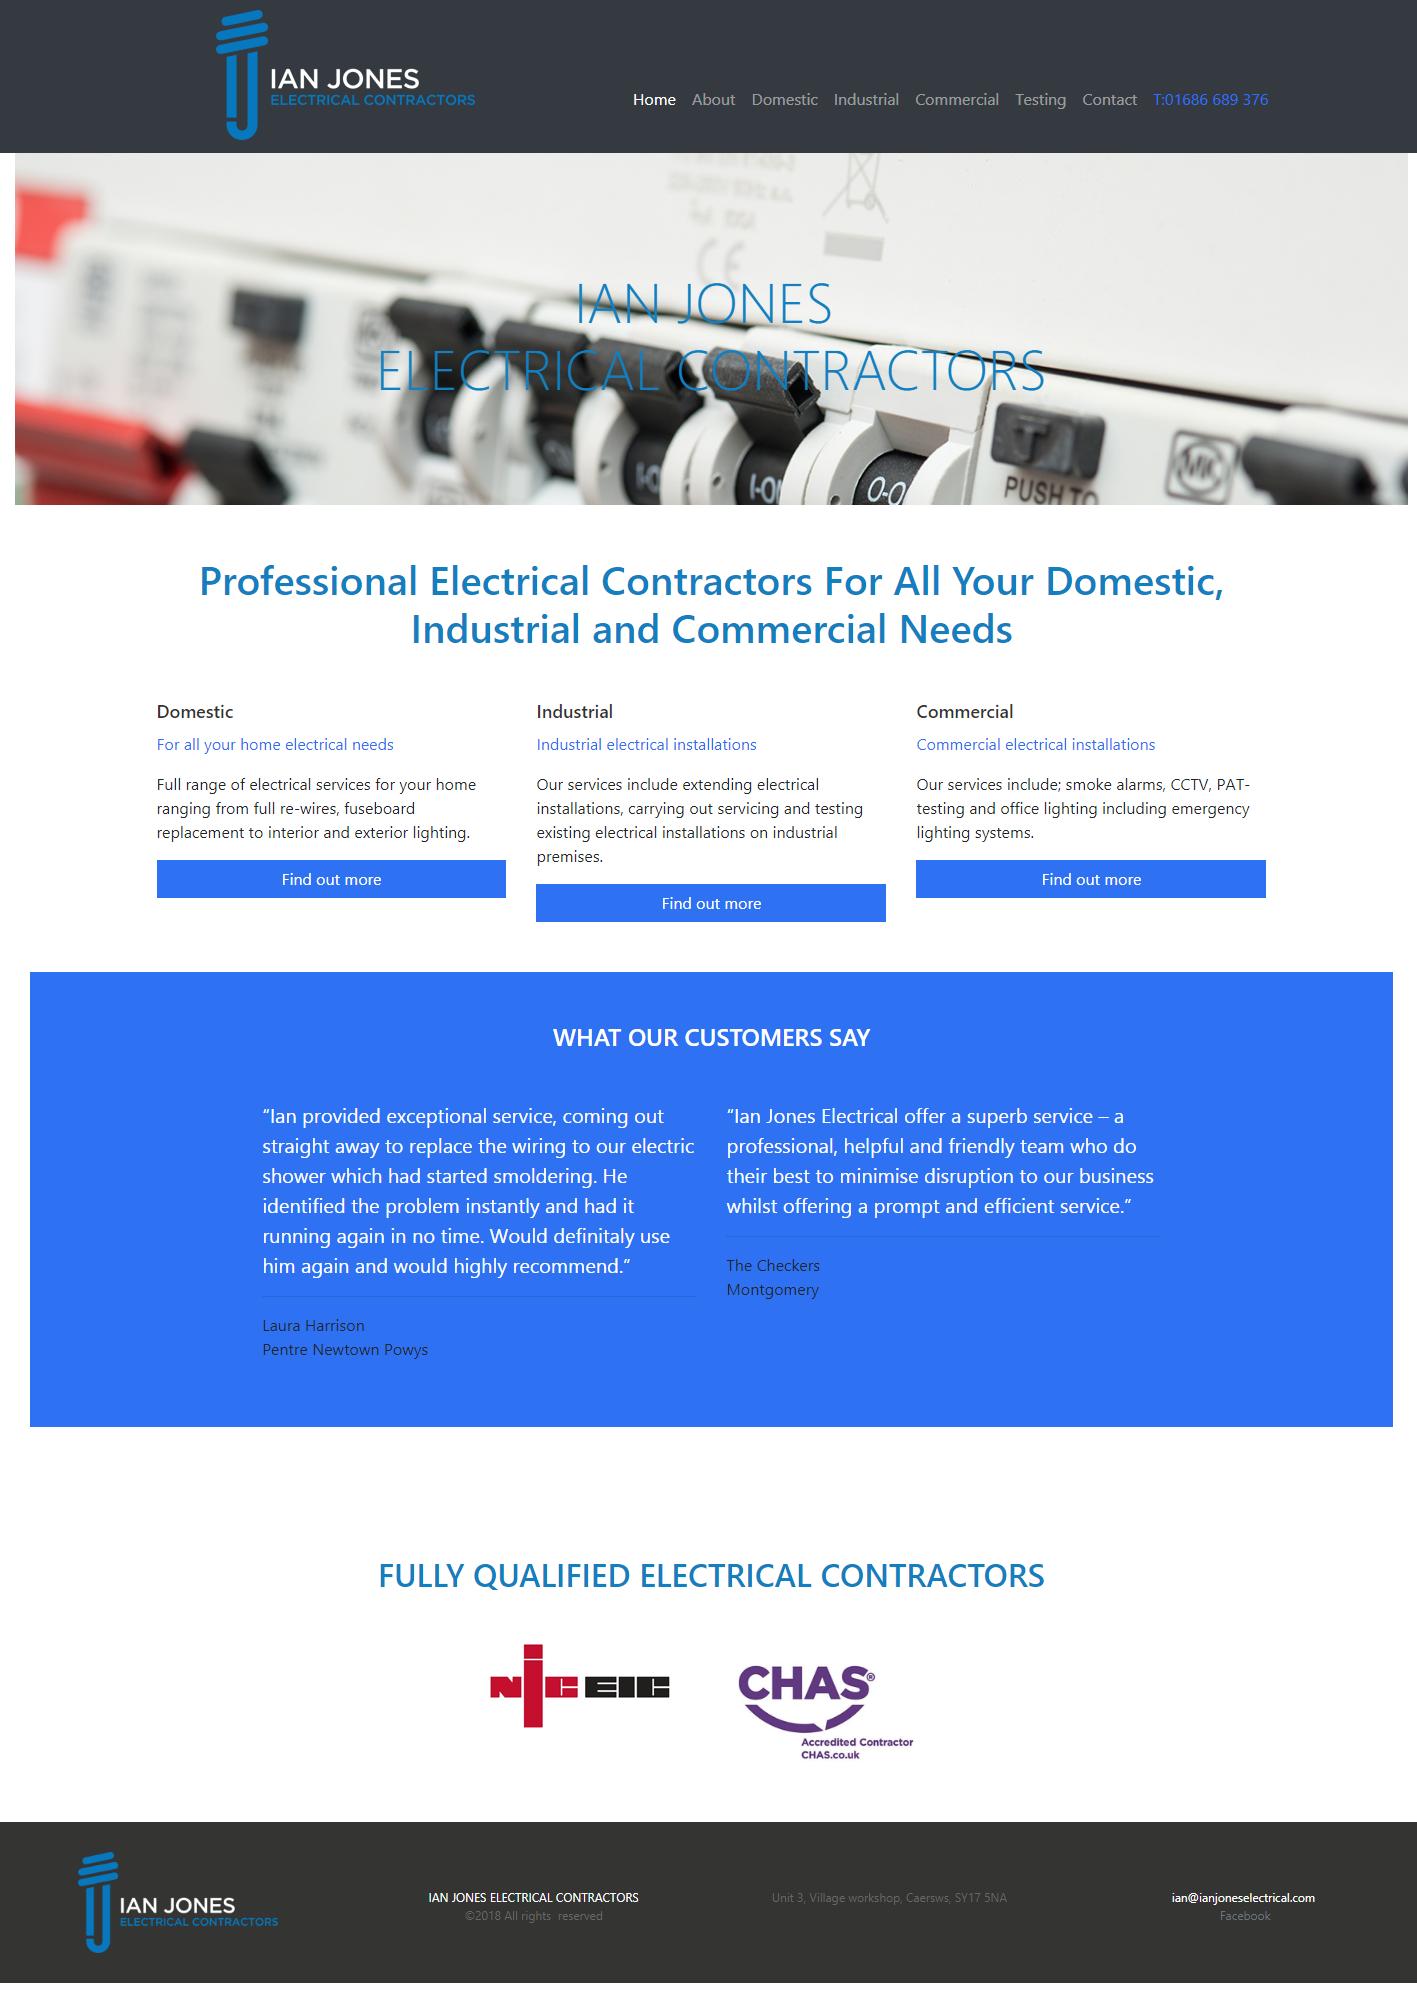 Ian Jones Electrical Contractor website Design & Development